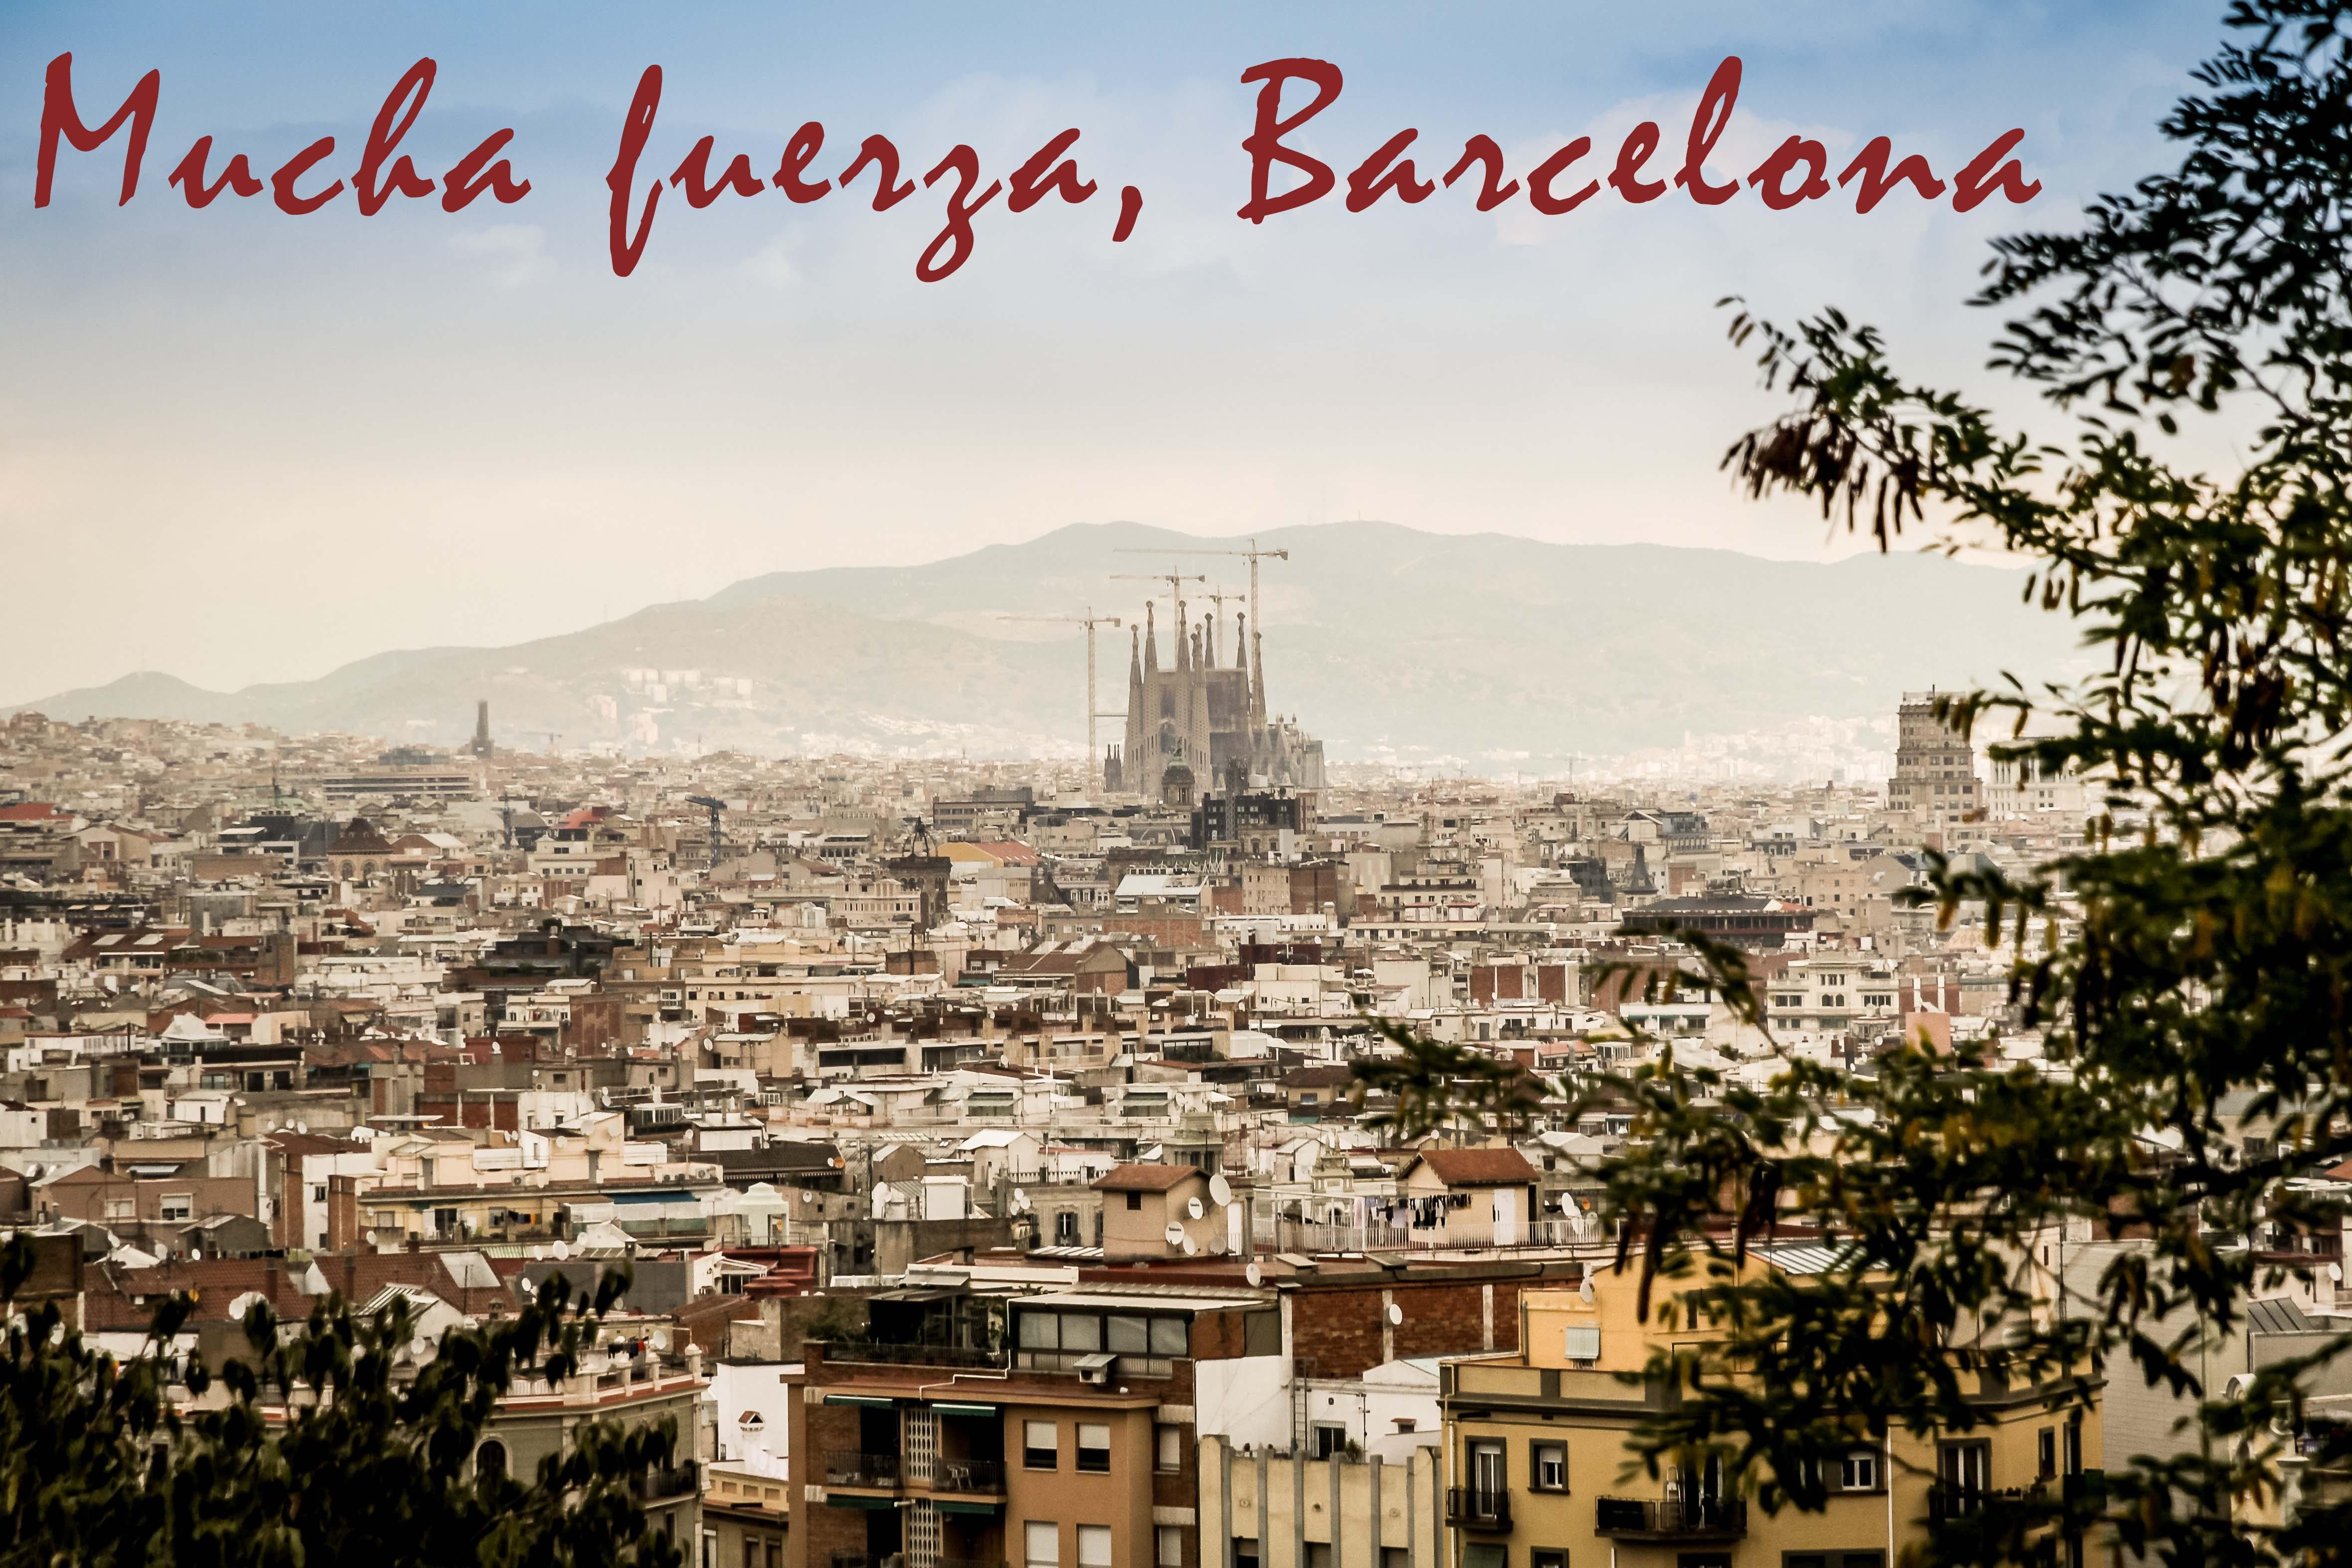 La enfermería condena el brutal atentado de Barcelona y agradece la enorme labor de los sanitarios